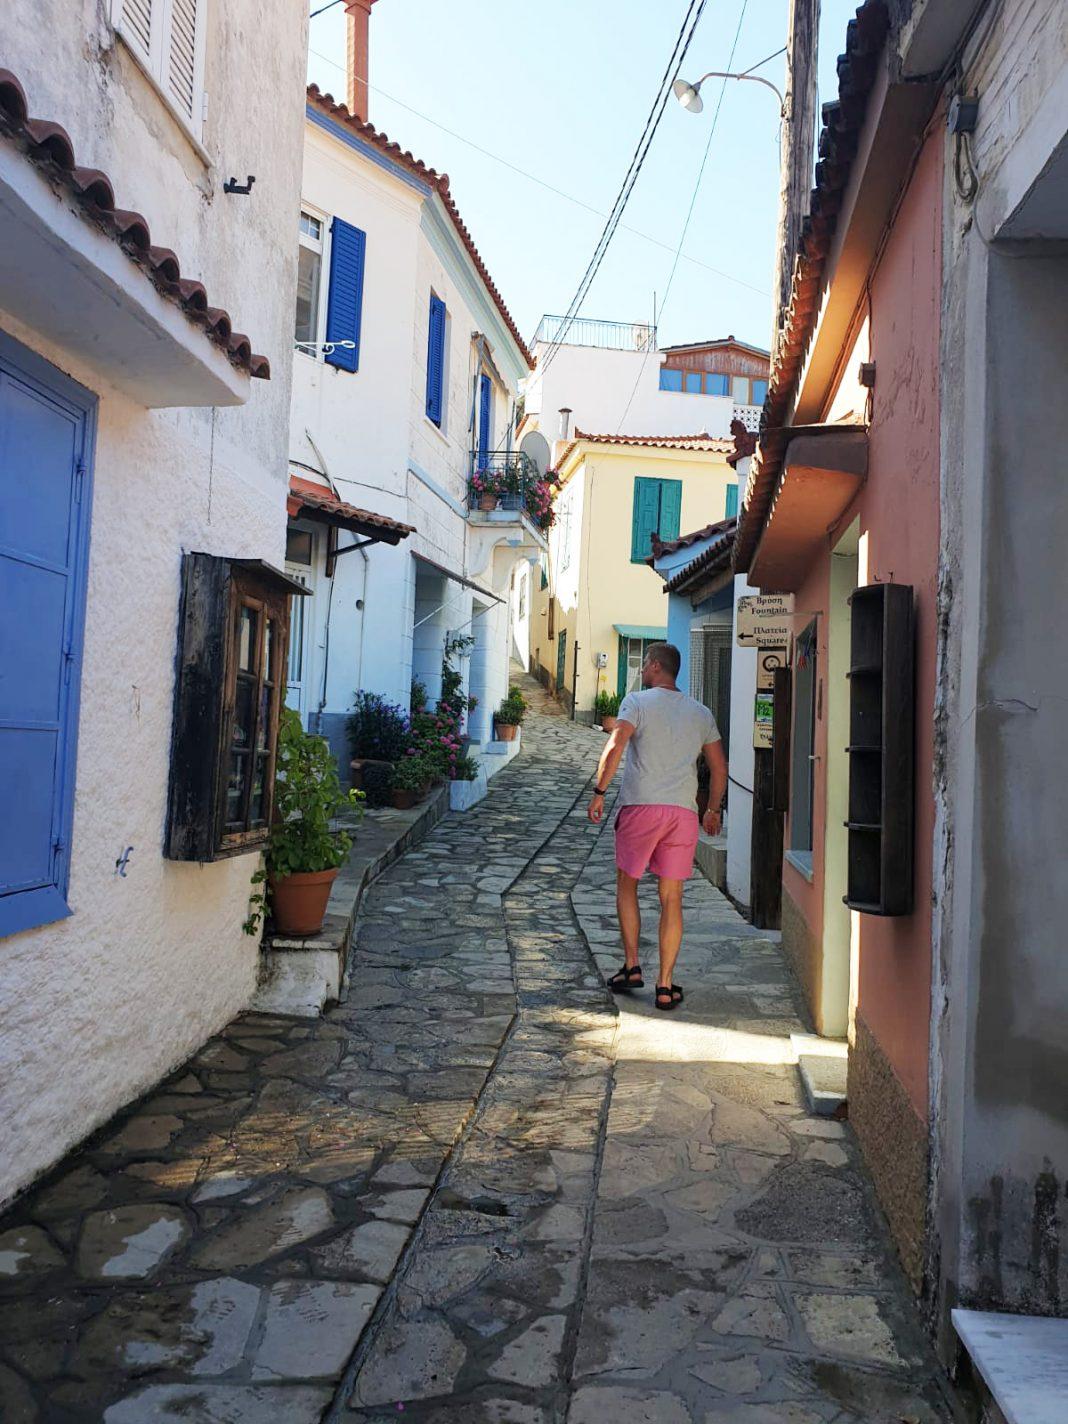 Dwalen door de straatjes van Manolates